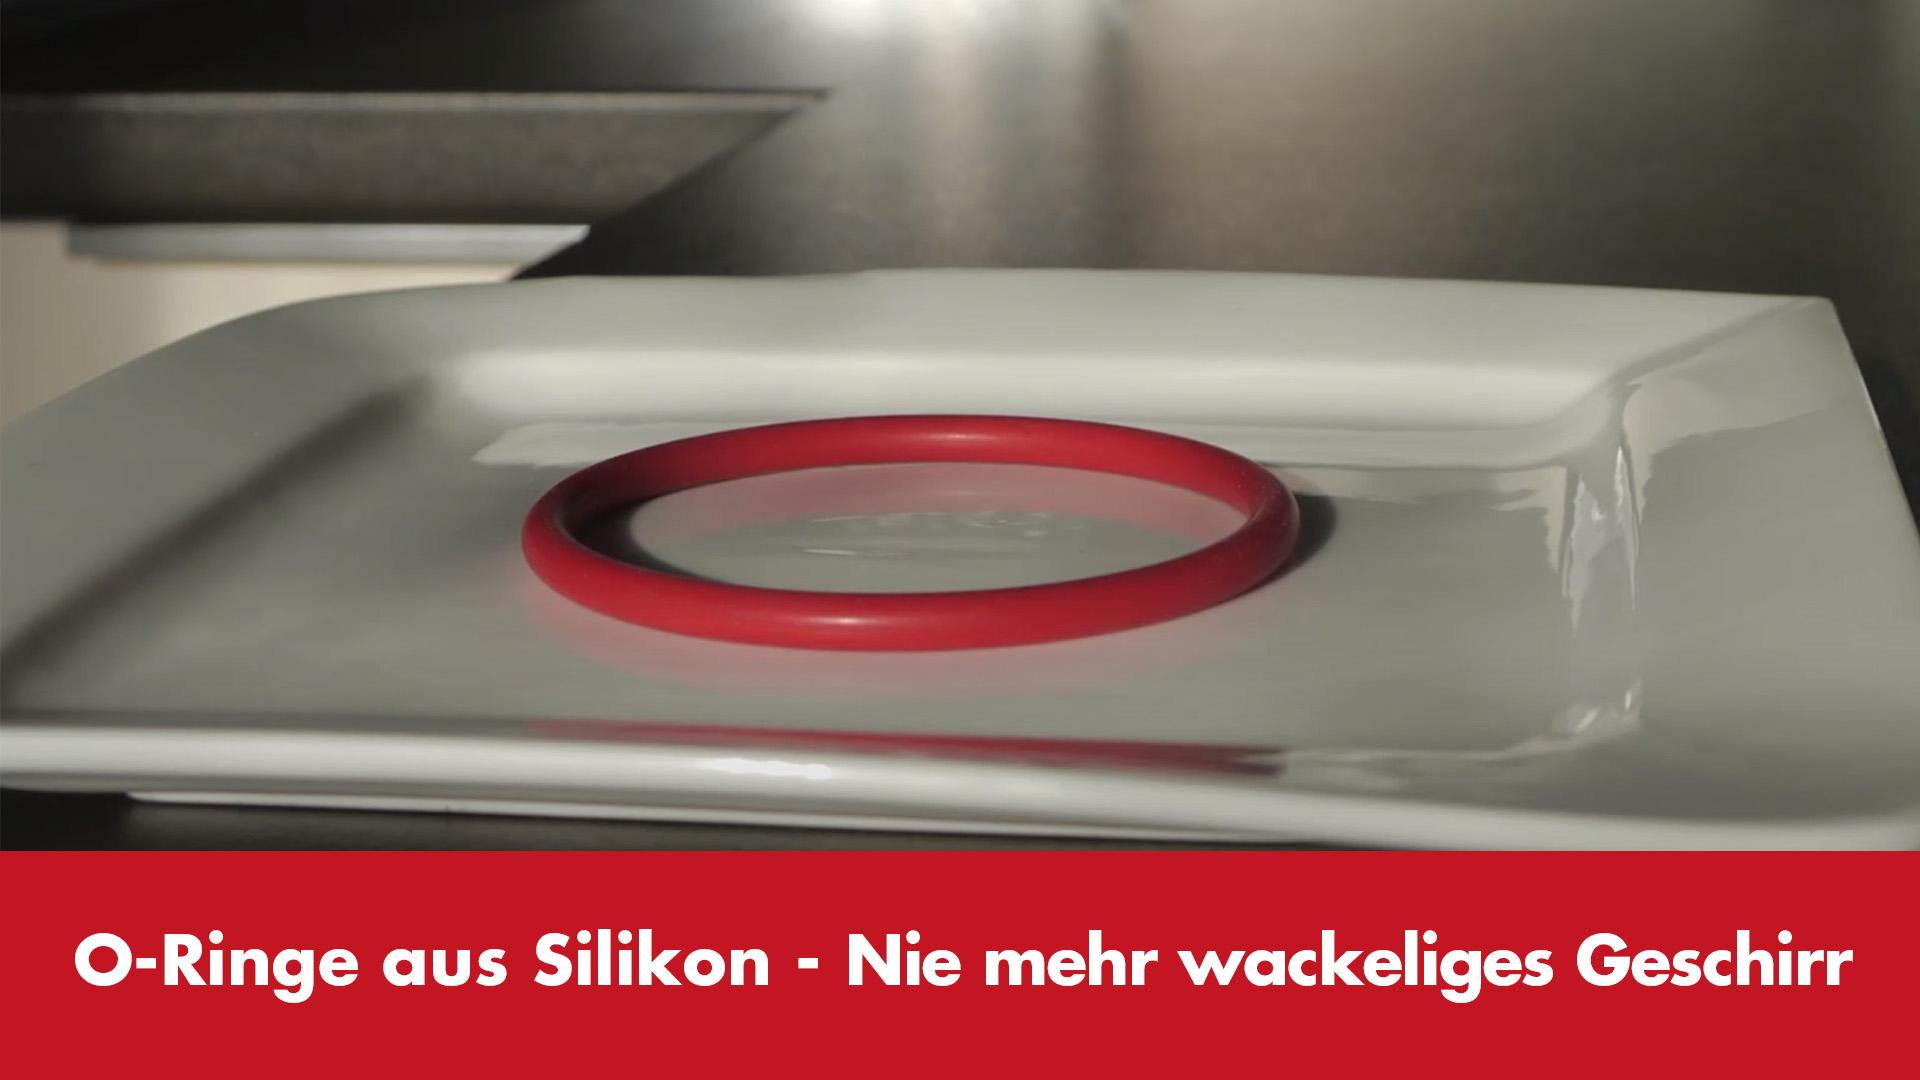 Video-Vorschaubild Silikon-O-Ringe im Geschirrschrank